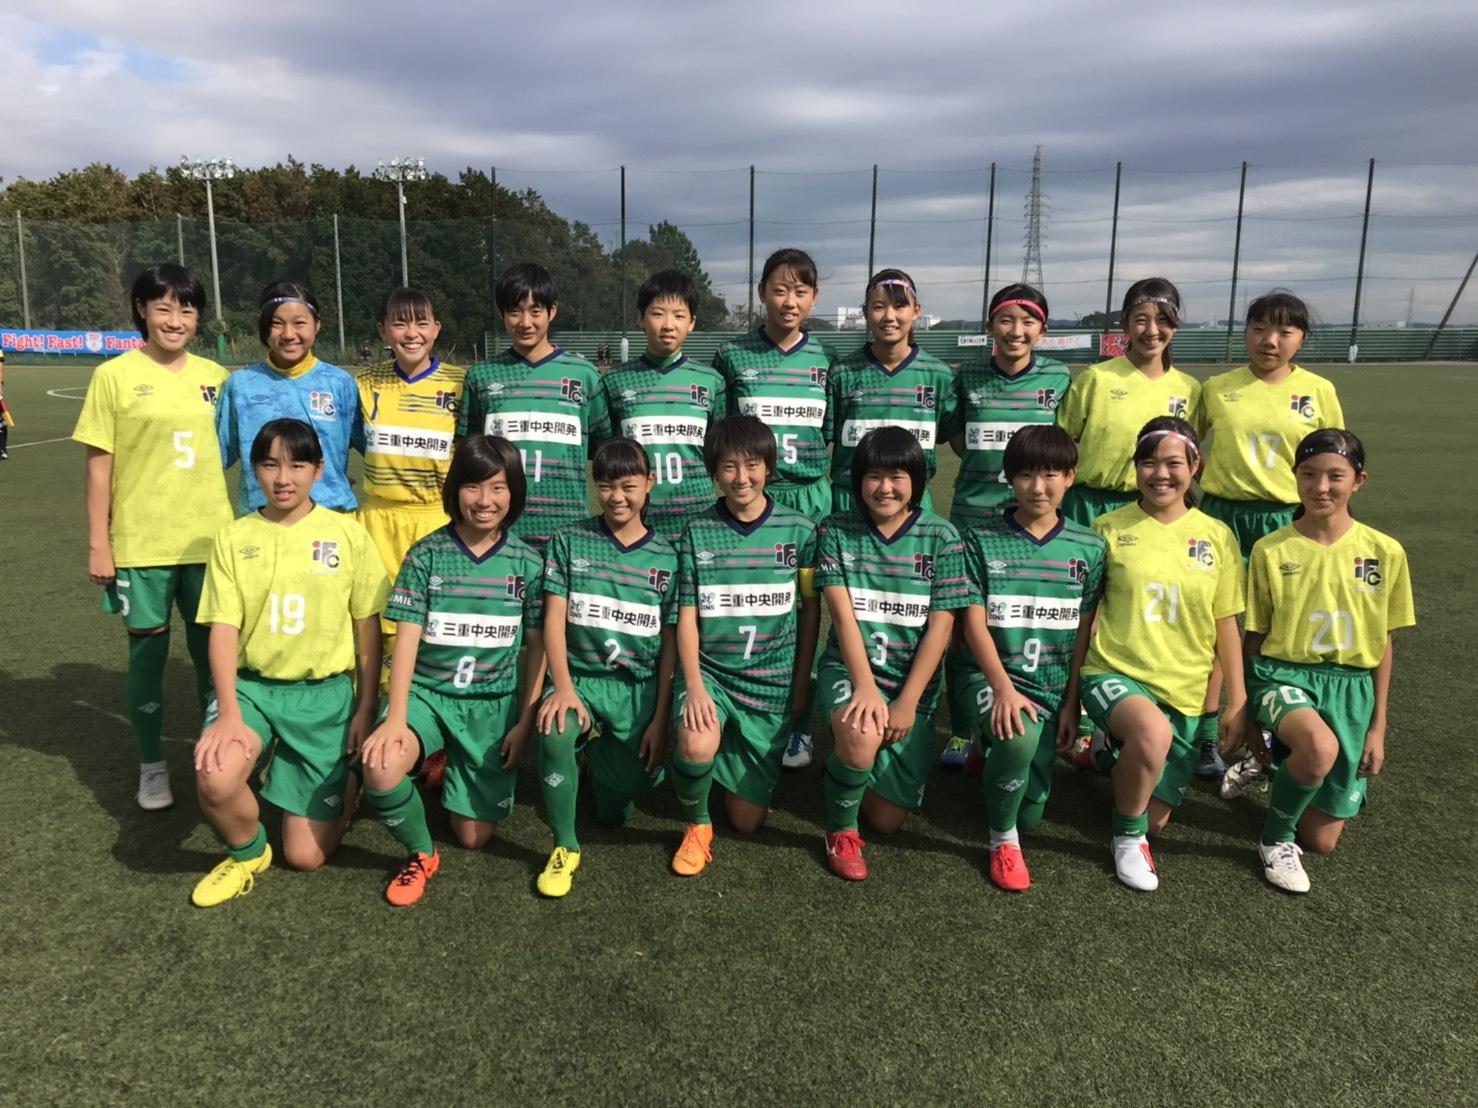 第19回 東海女子サッカーリーグ 試合結果